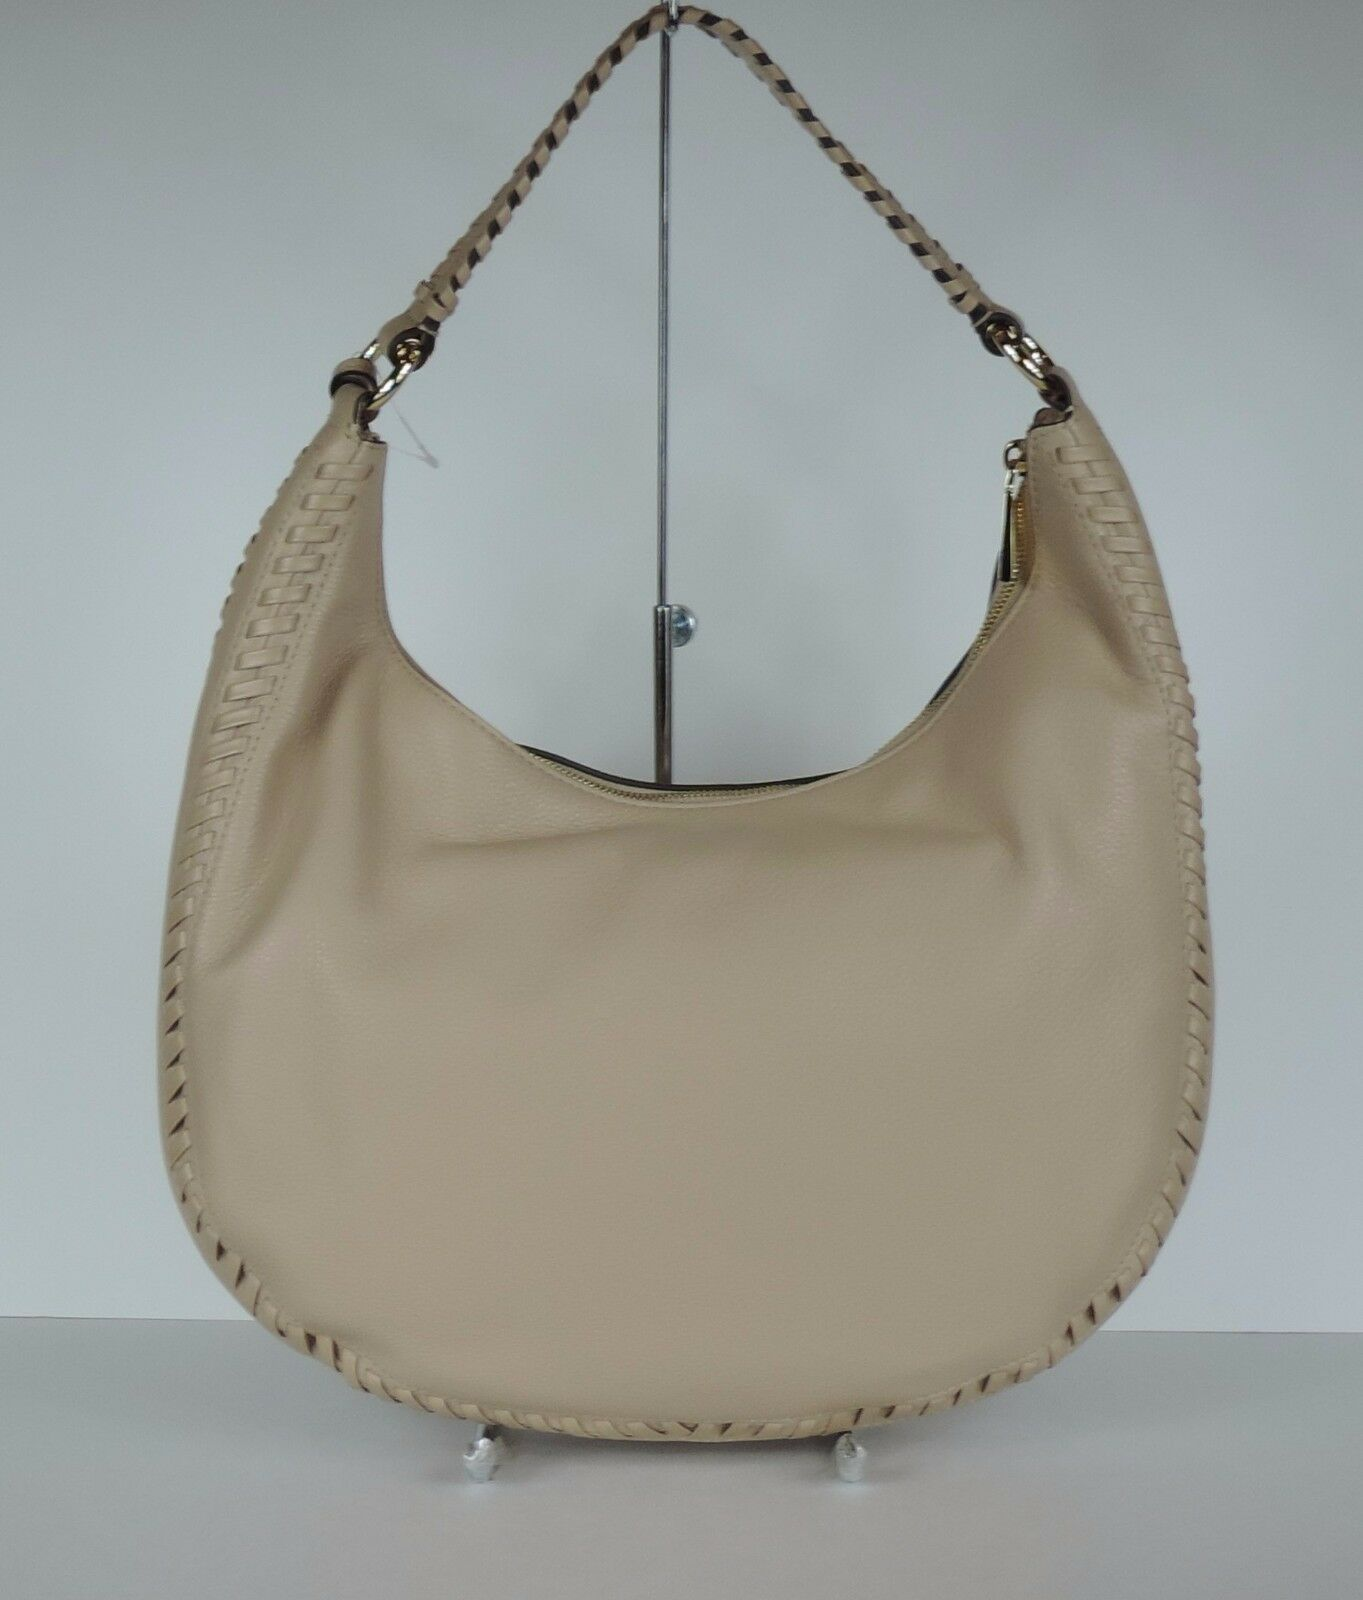 5c3720bc9dff Michael Kors Lauryn Large MK Signature Tassel Shoulder Bag Natural Fawn for  sale online | eBay